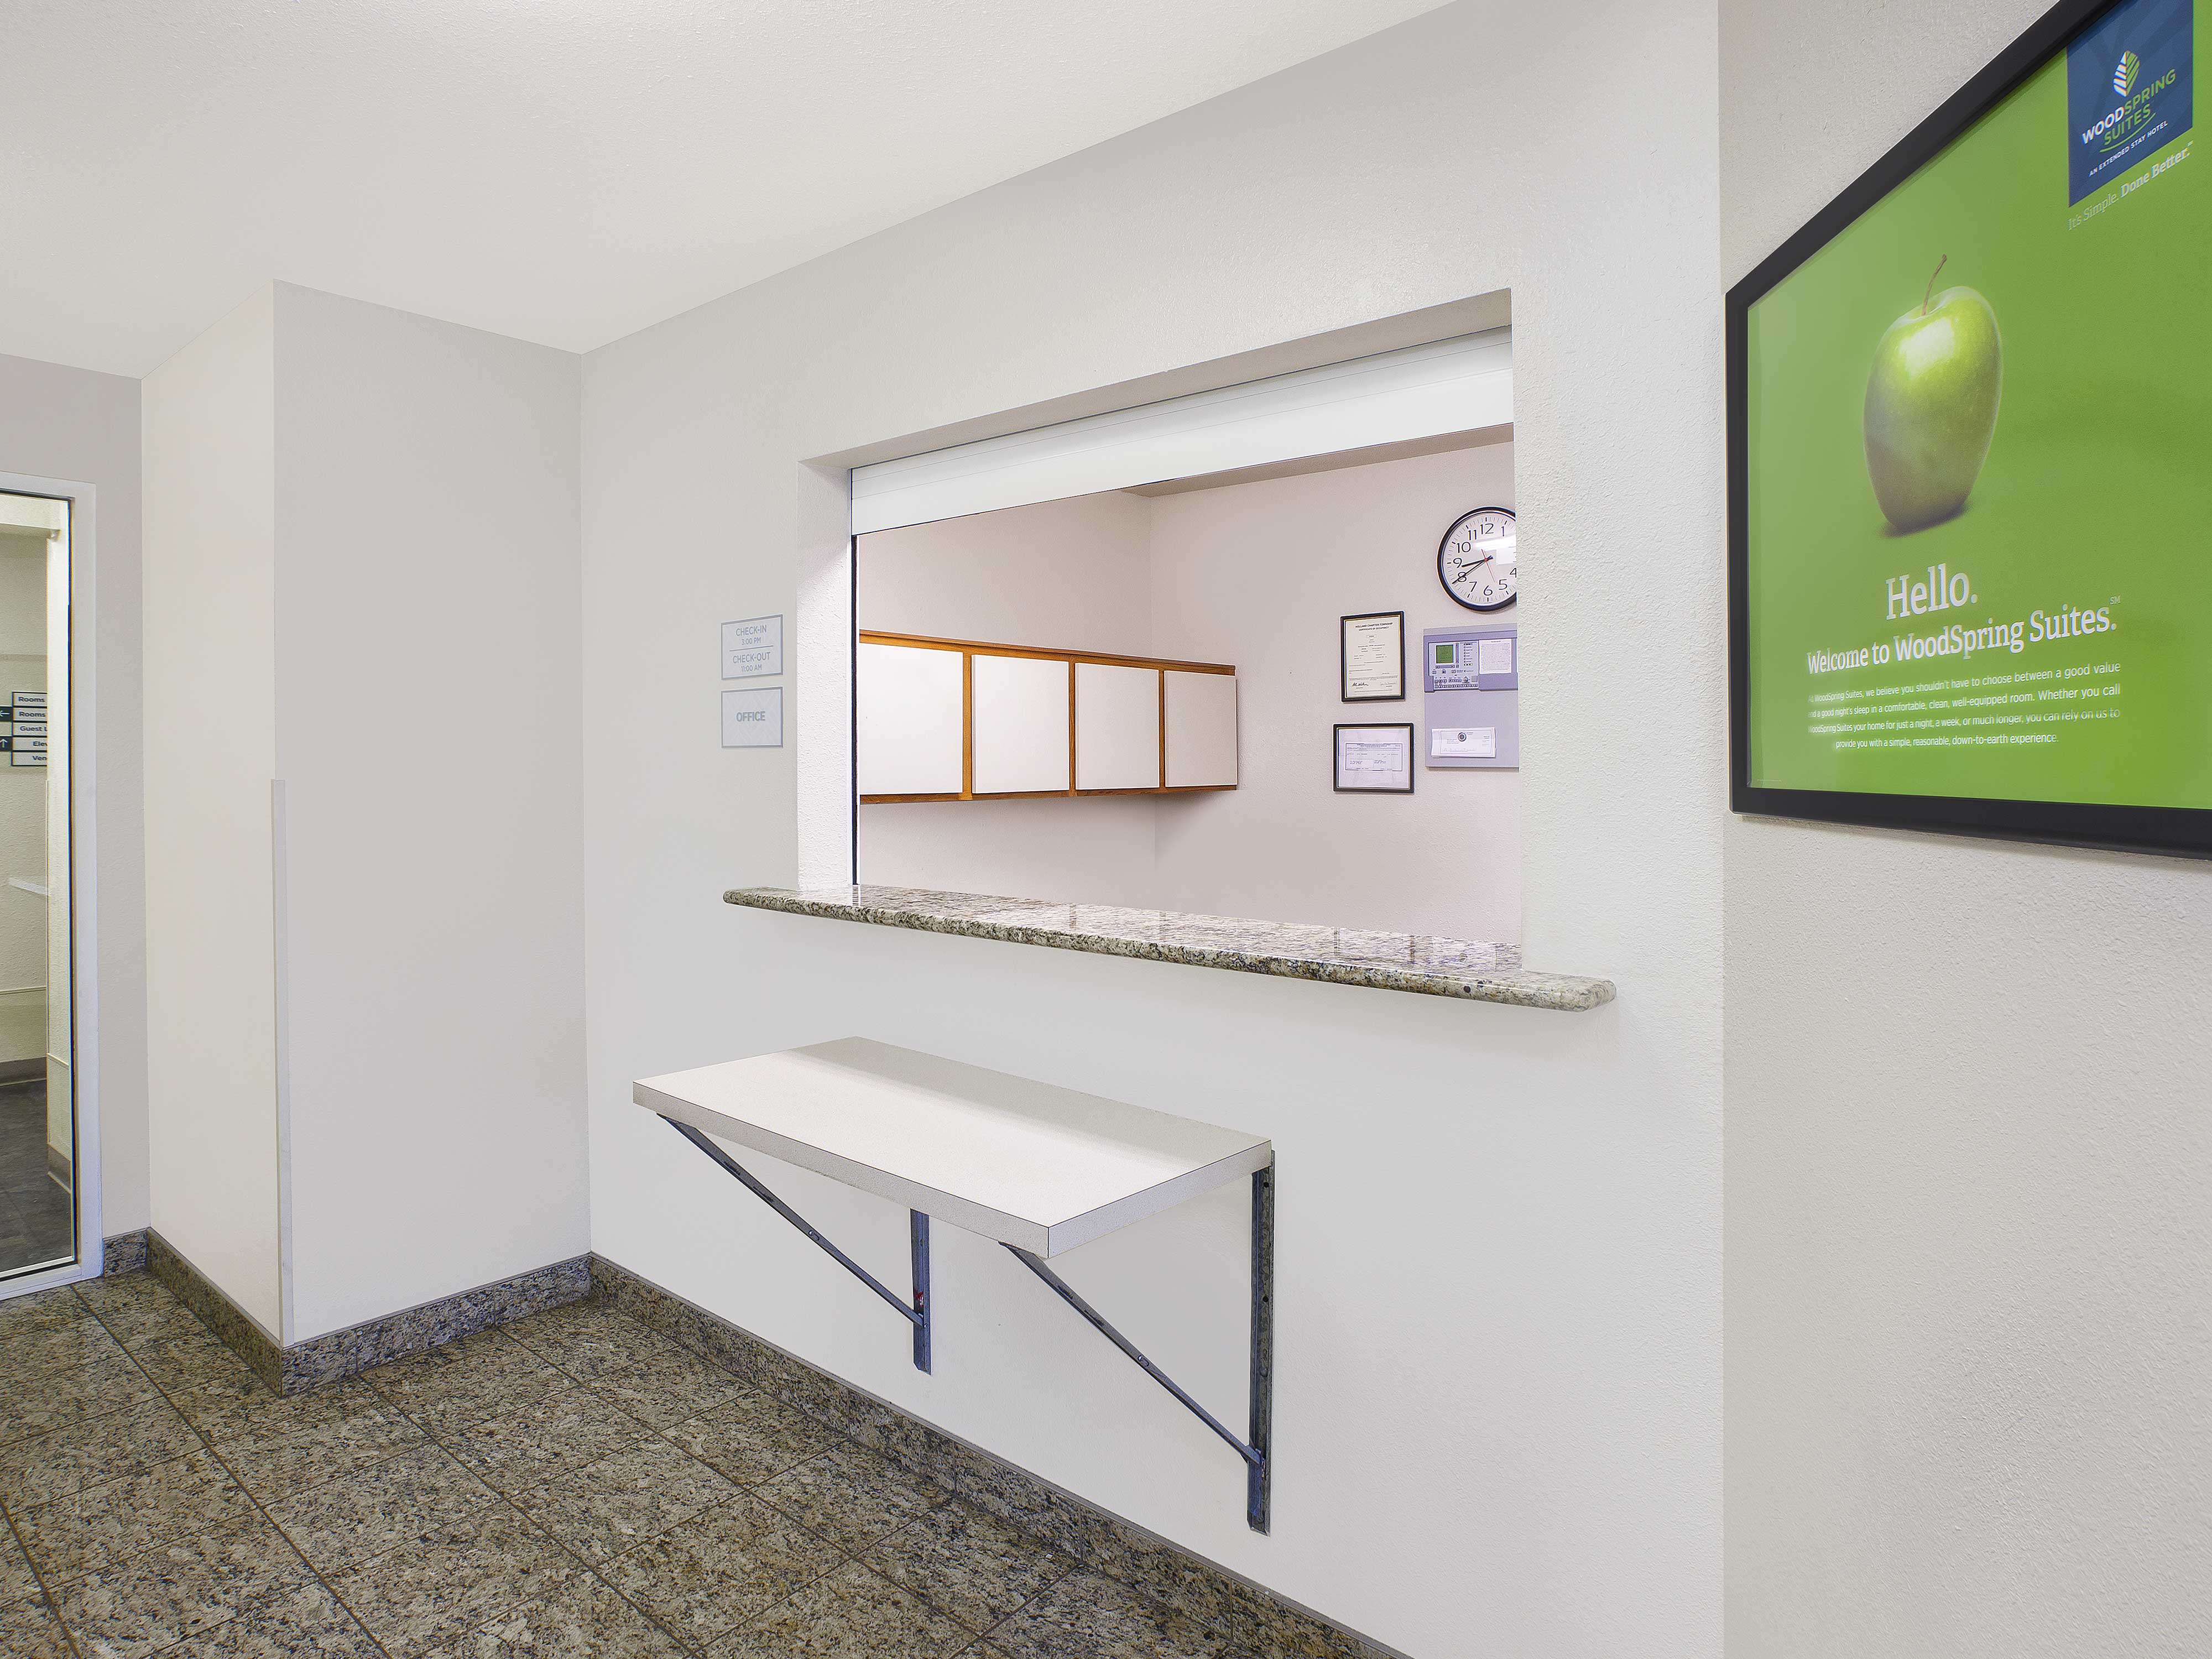 WoodSpring Suites Grand Rapids Holland image 5